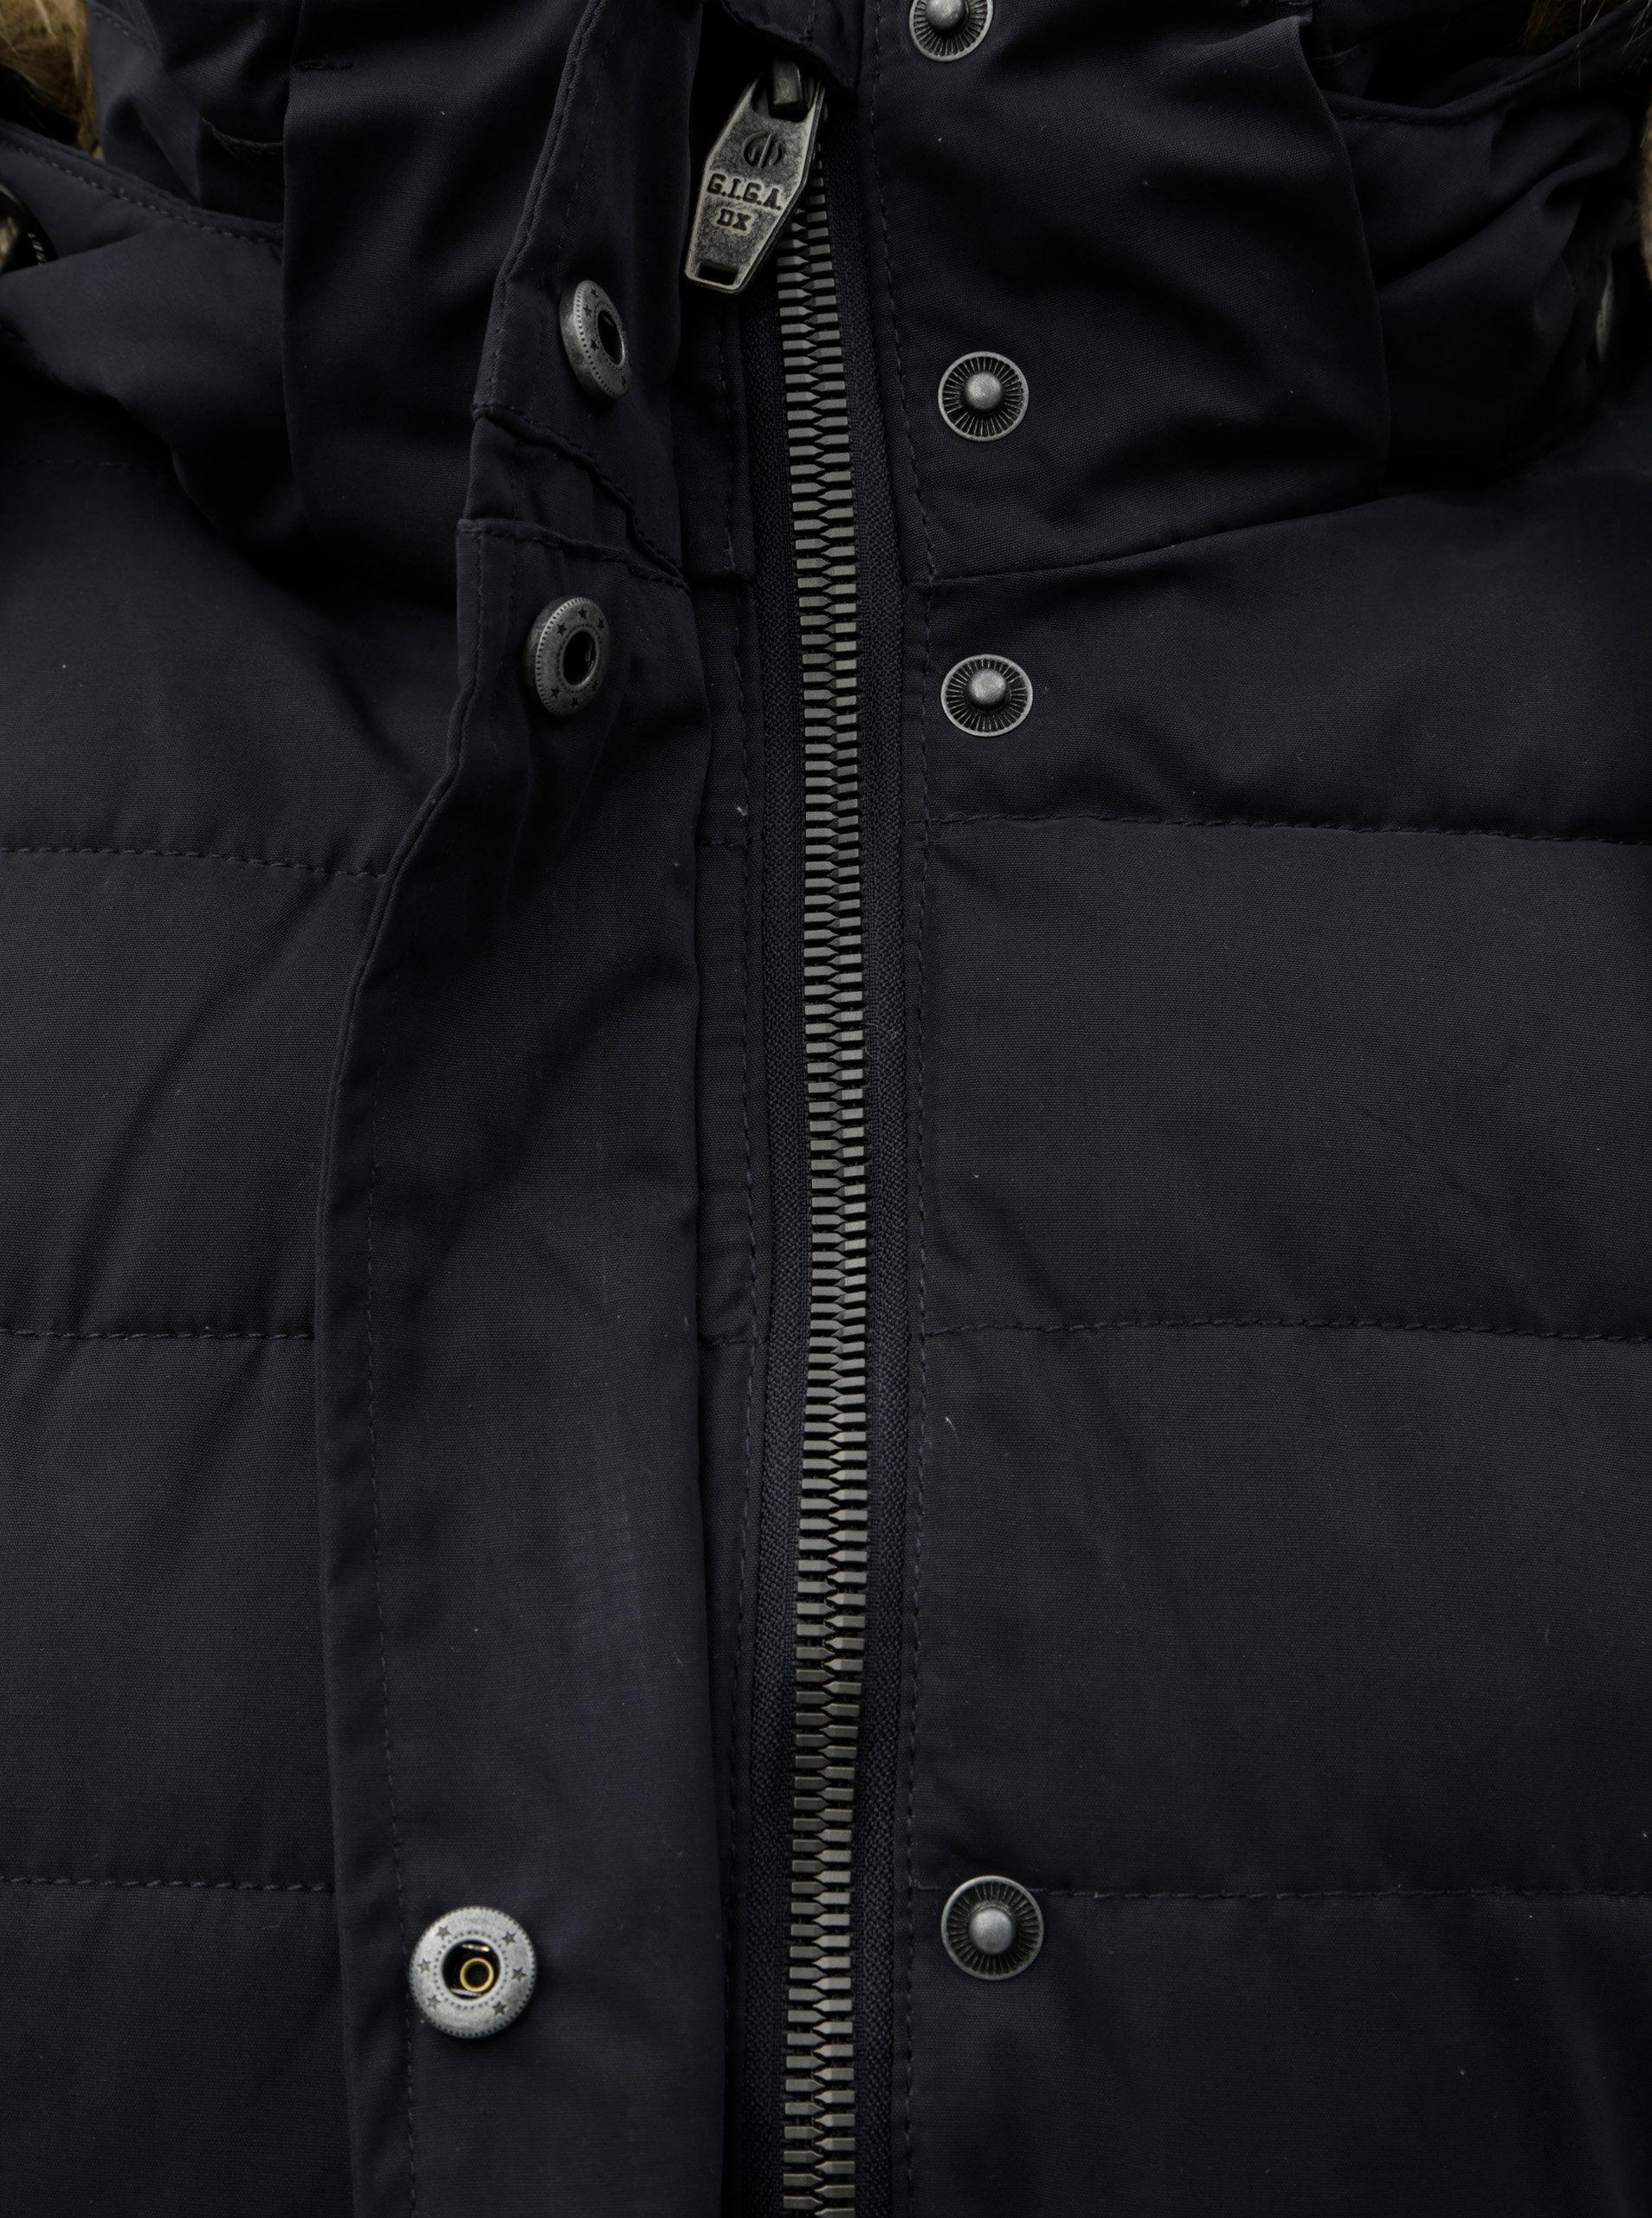 Tmavomodrý dámsky zimný prešívaný nepremokavý kabát s umelou kožušinkou  killtec Hawana ... 433edce283e